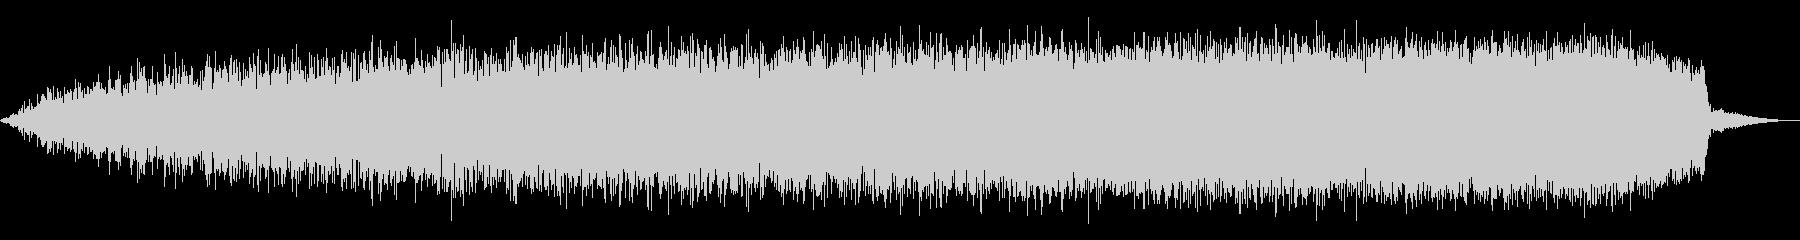 シューッという音EC07_78_2の未再生の波形